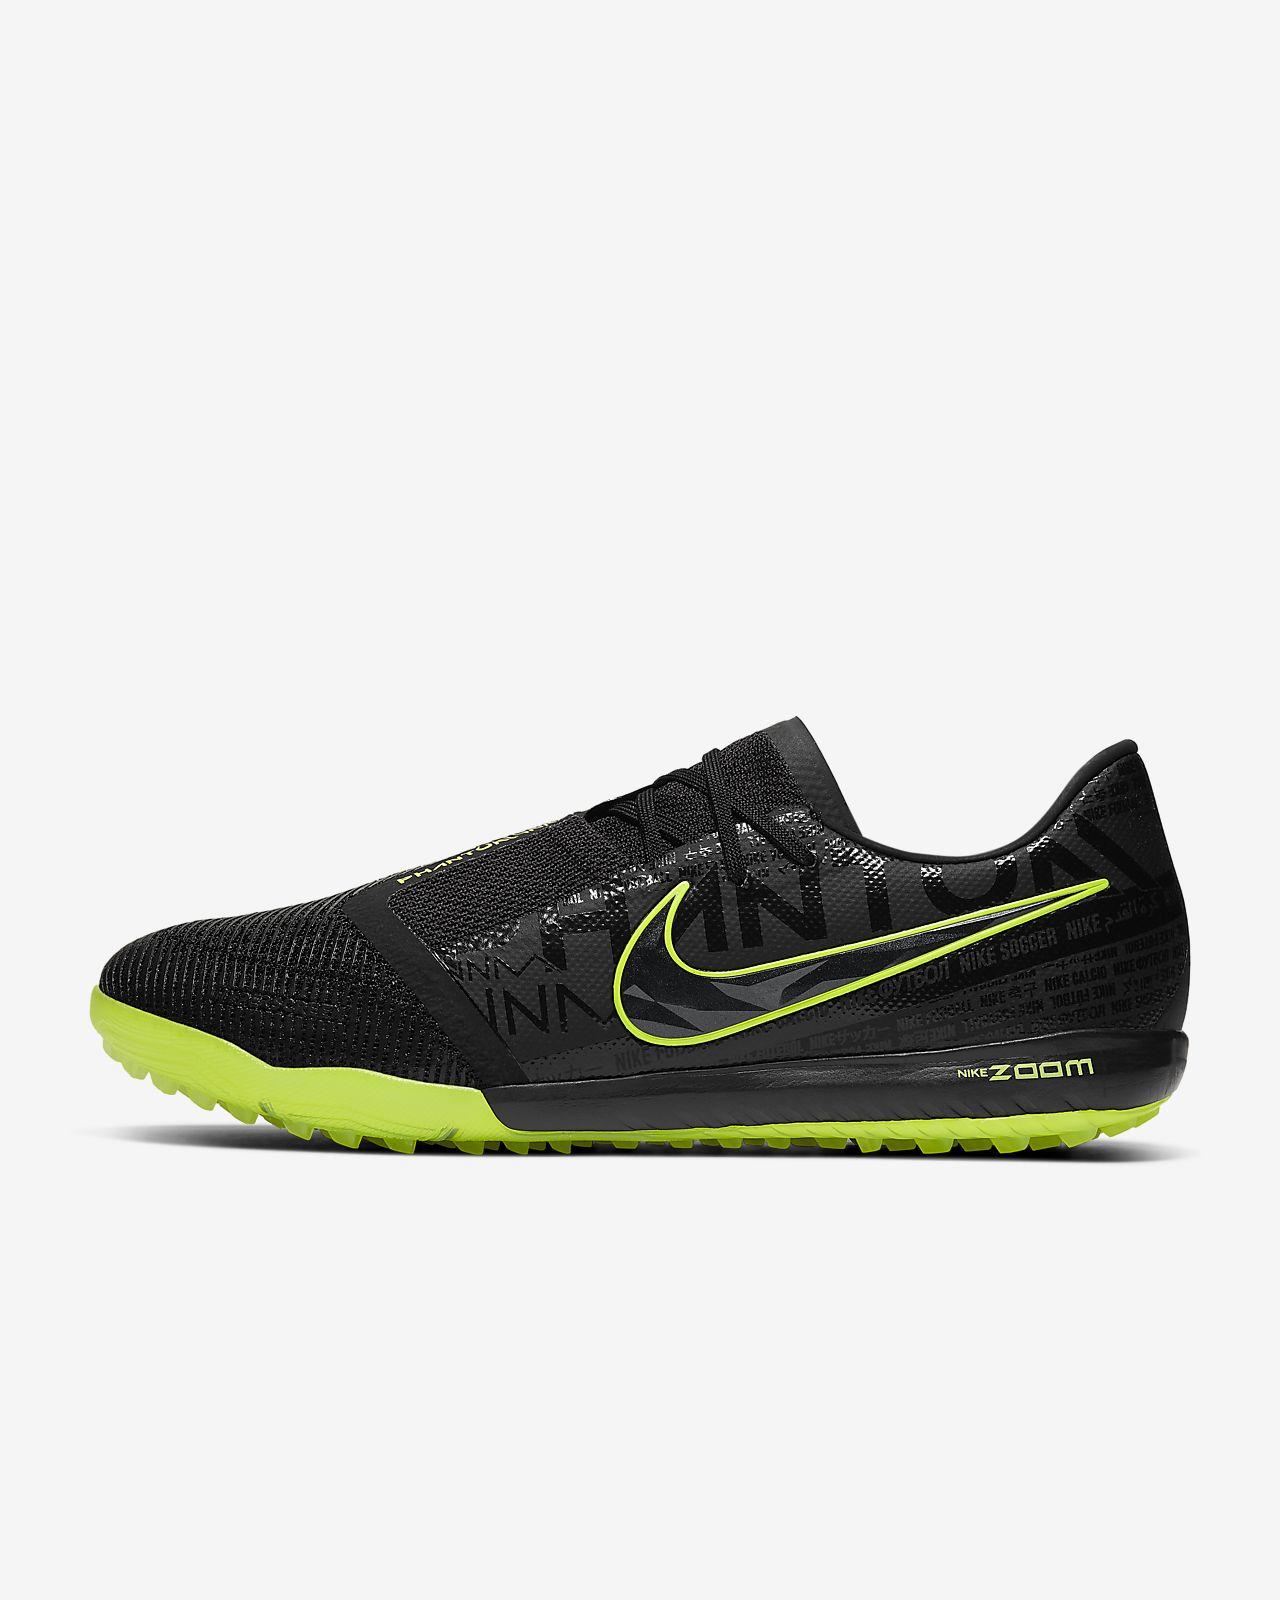 Calzado de fútbol para césped deportivo artificial Nike Zoom Phantom Venom Pro TF